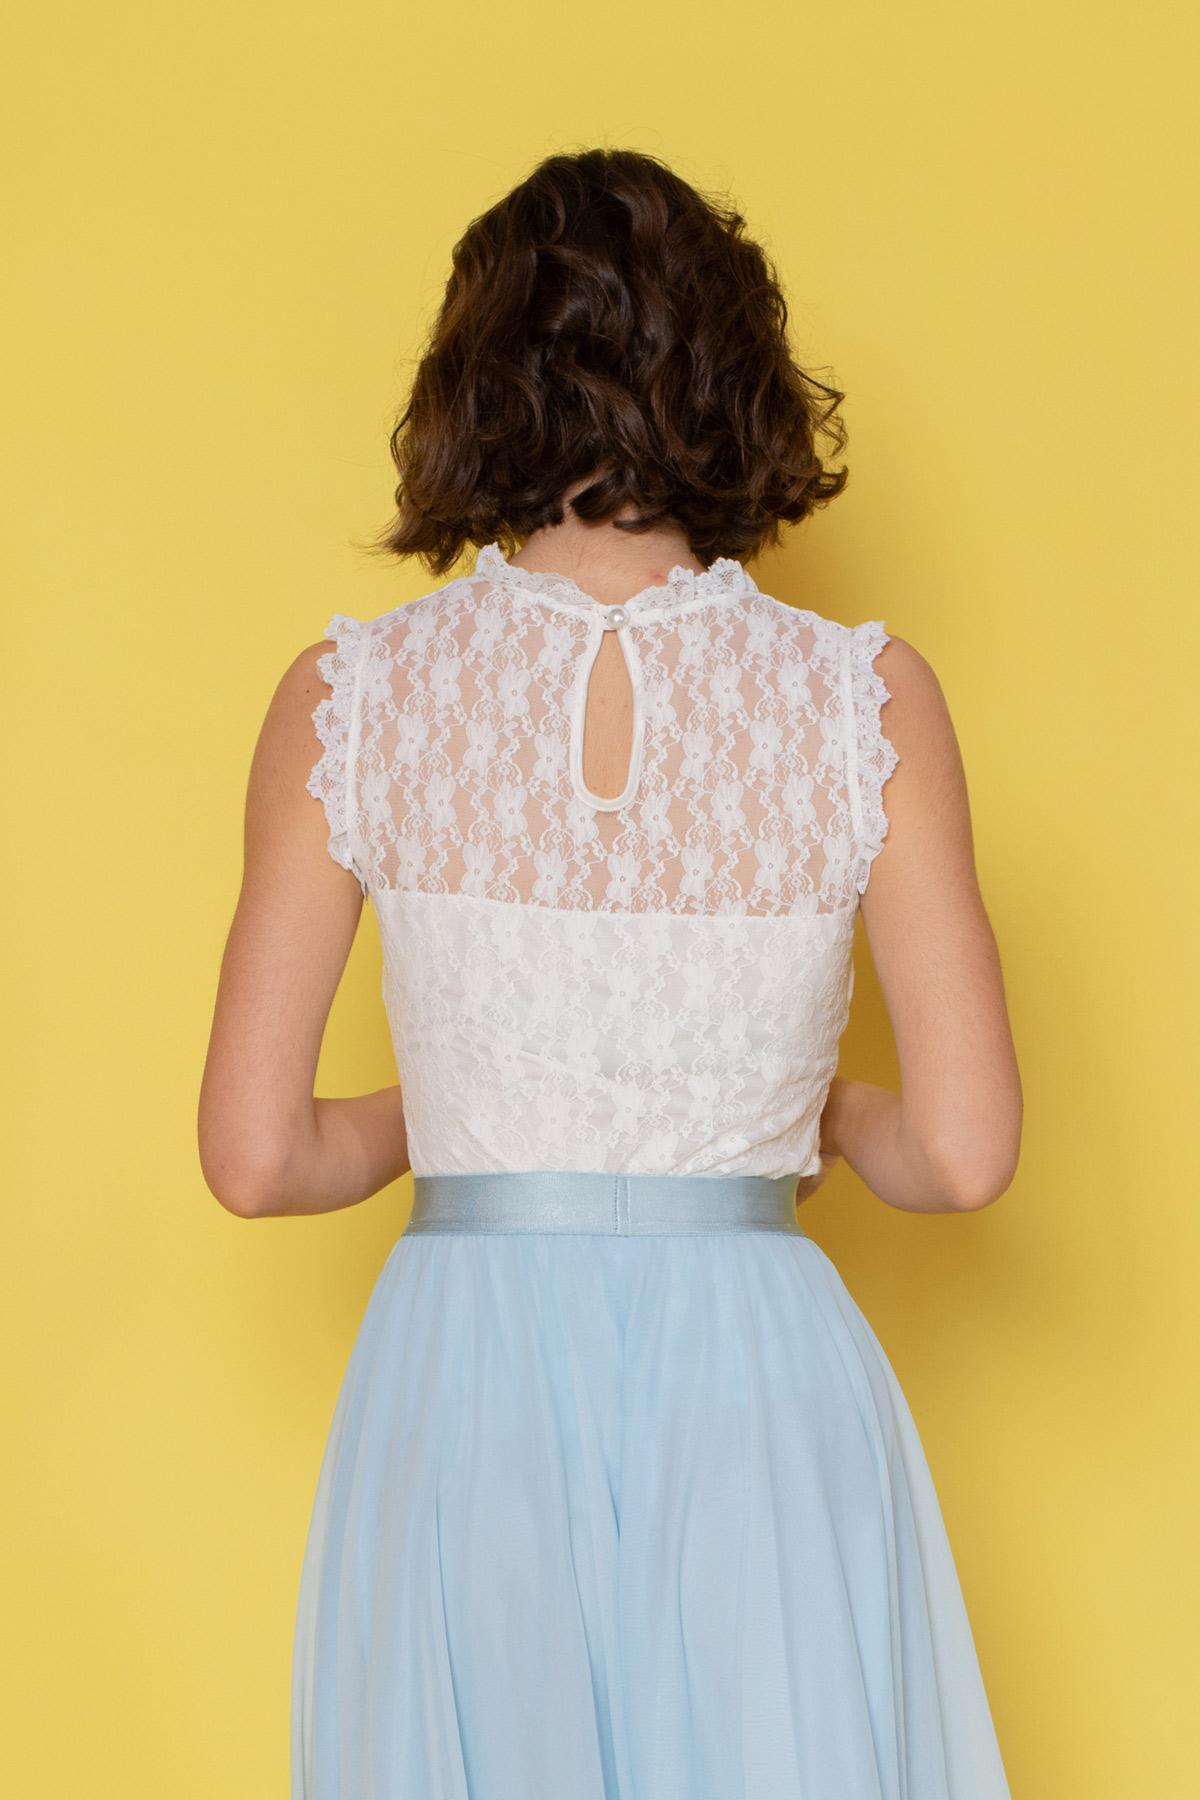 Ιβουάρ δαντελένια μπλούζα με μπλούστο σε σχήμα καρδιάς, τελείωμα δαντέλας στο λαιμό και τα χέρια και διαφάνεια στους ώμους, ιδανική επιλογή για επίσημες εμφανίσεις!